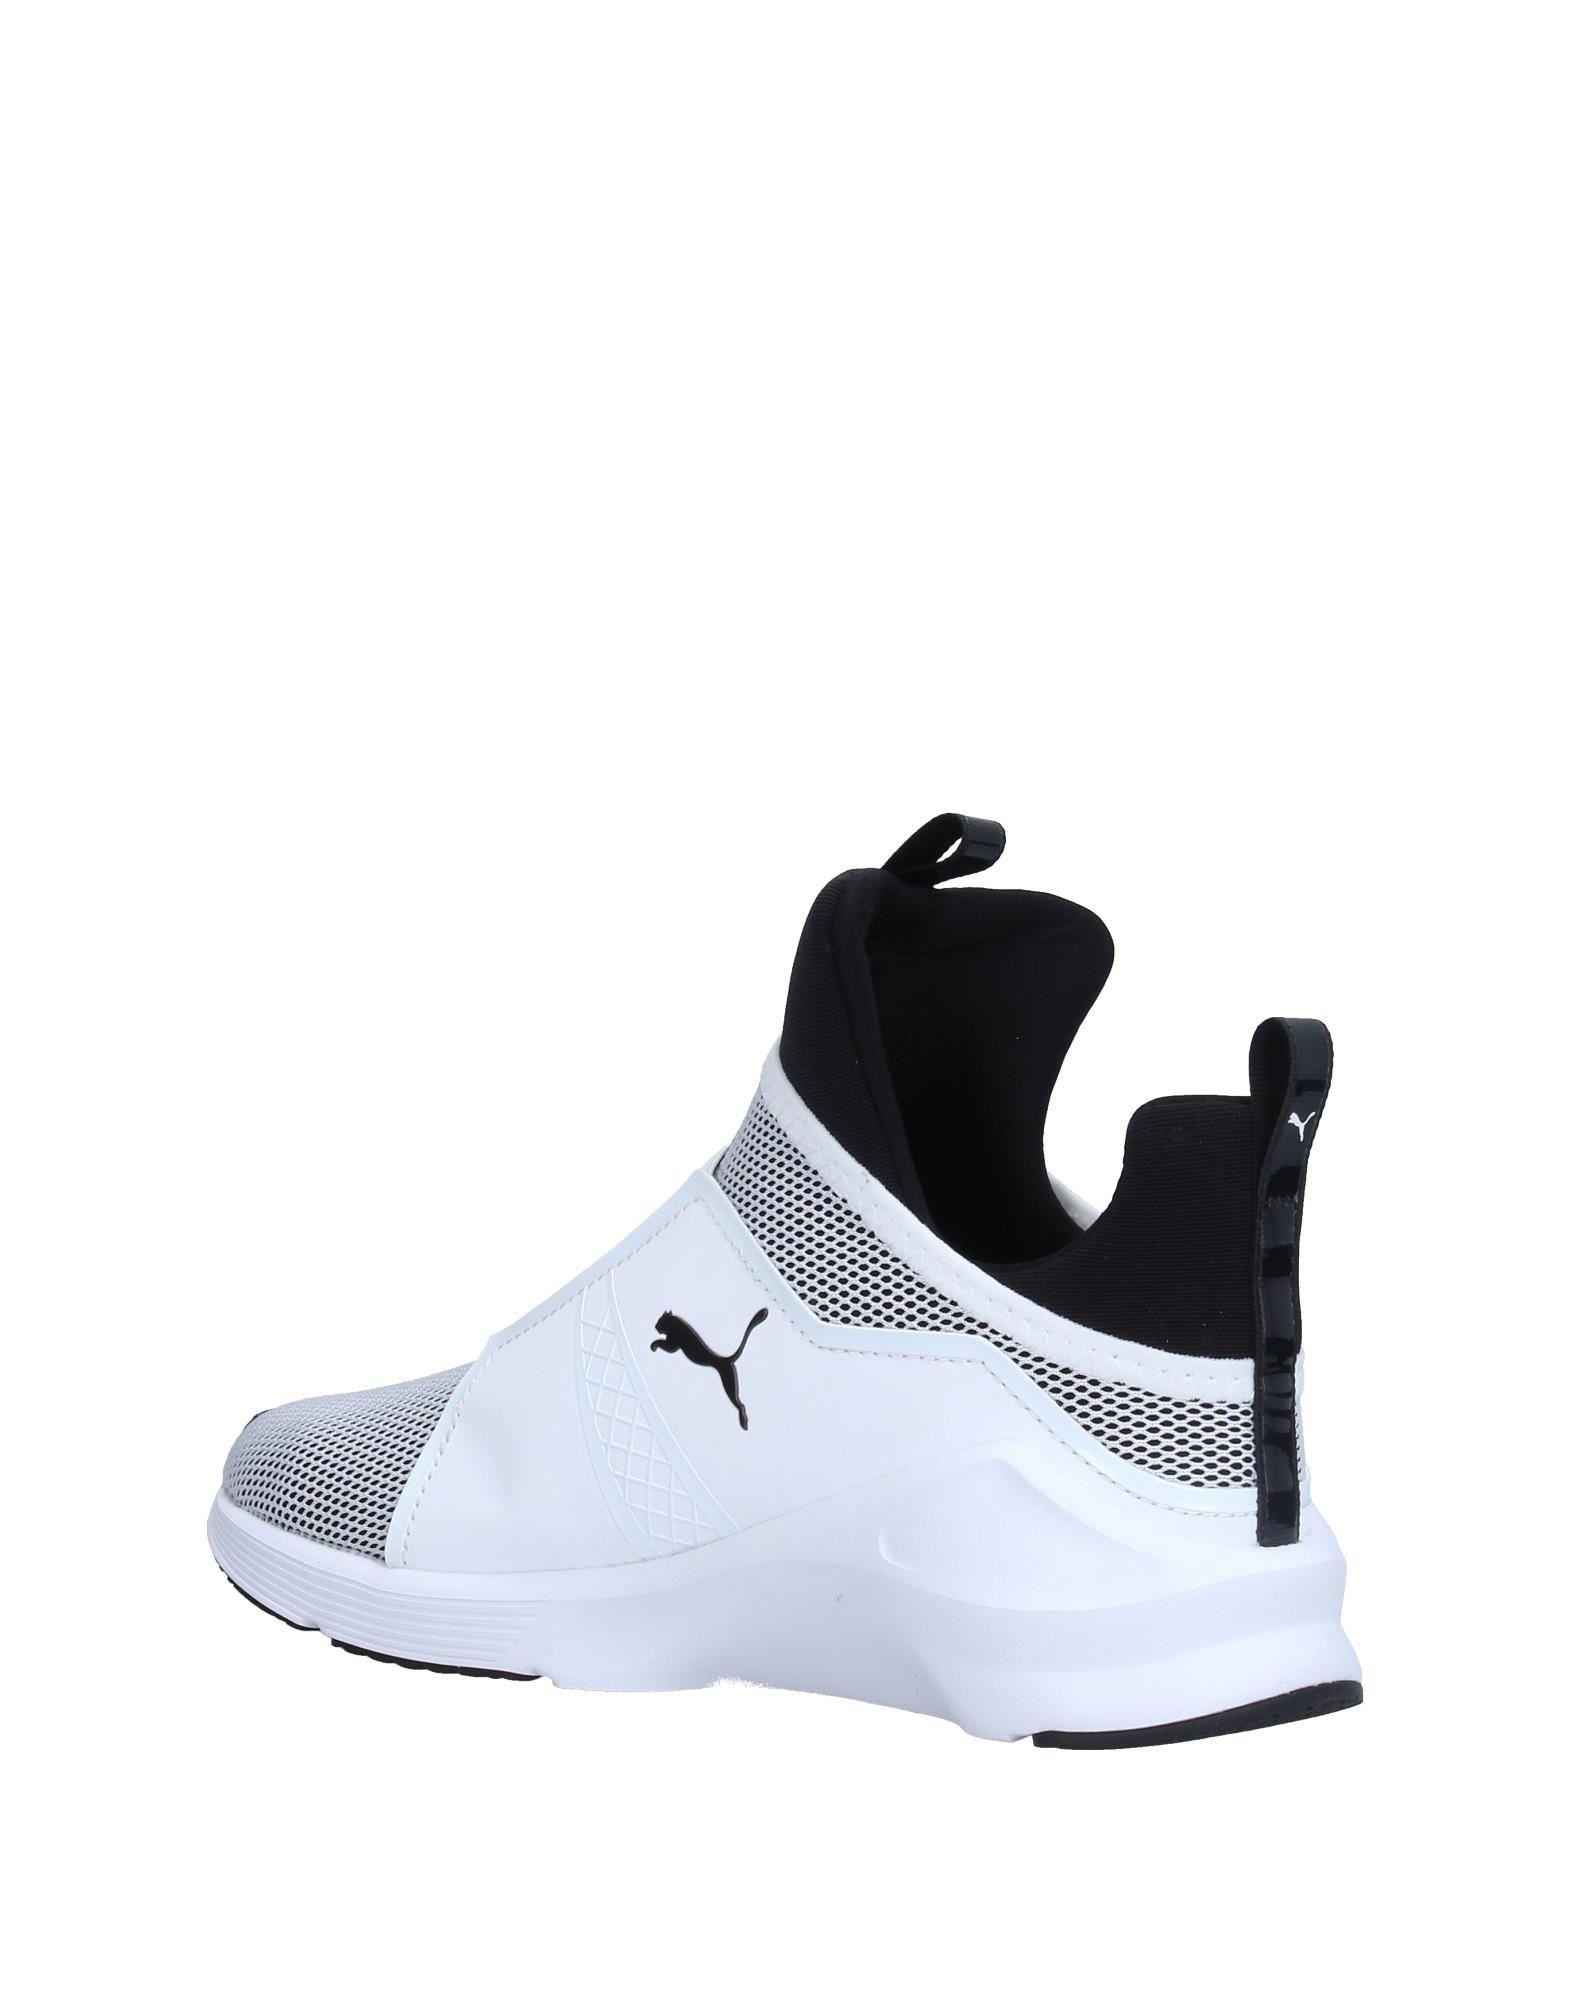 Puma Gute Sneakers Damen  11219269LX Gute Puma Qualität beliebte Schuhe ca943c